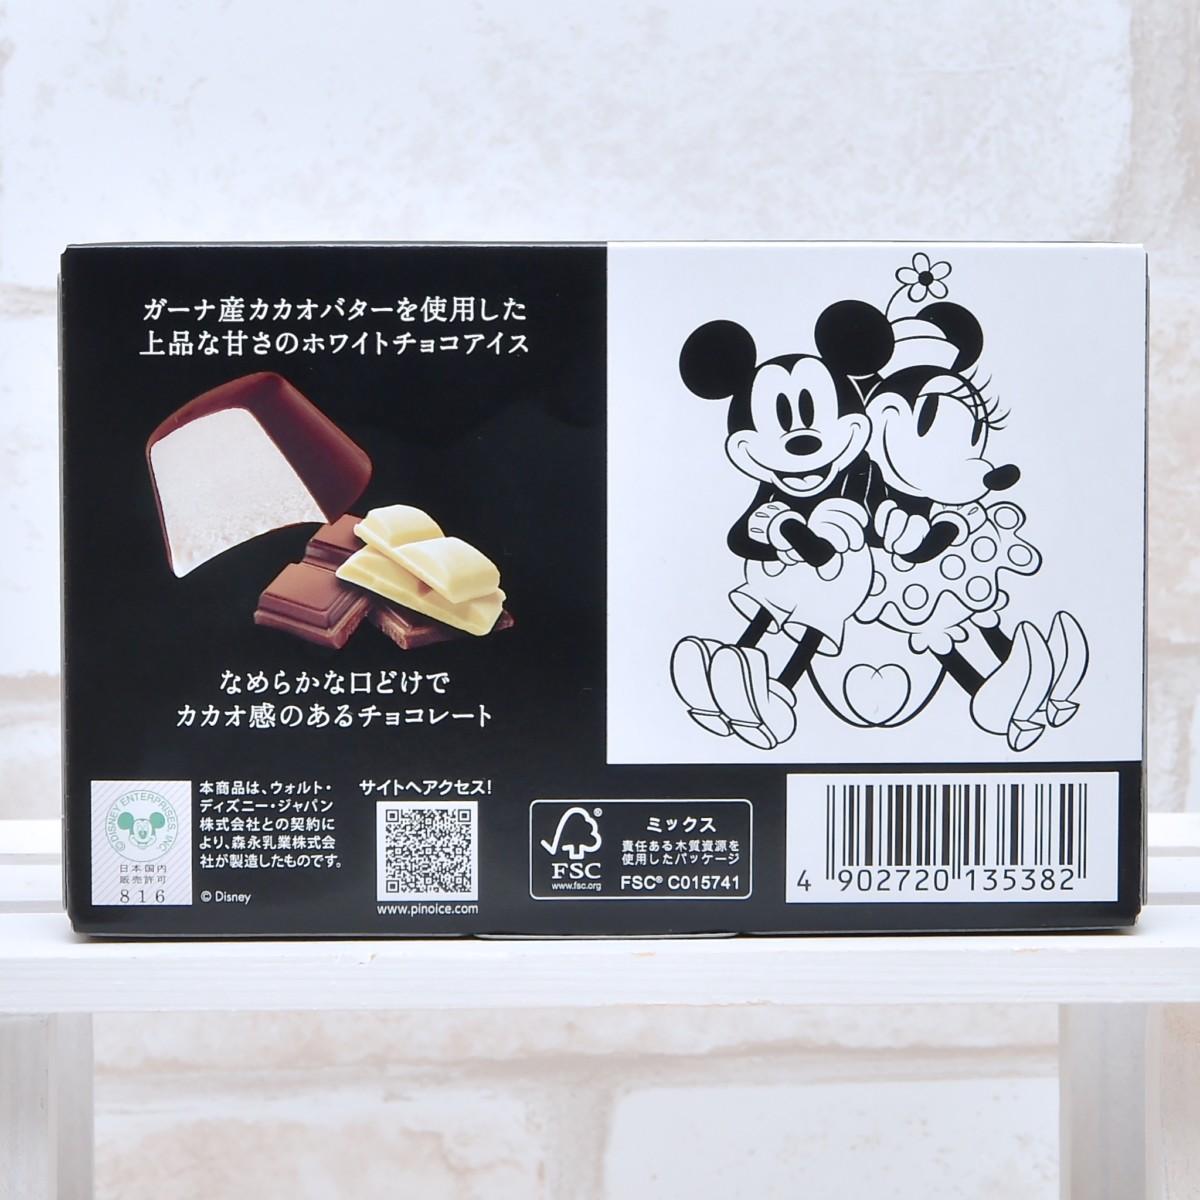 ピノ ホワイトチョコ&チョコ「ディズニーデザインパッケージ」ミッキー&ミニー裏